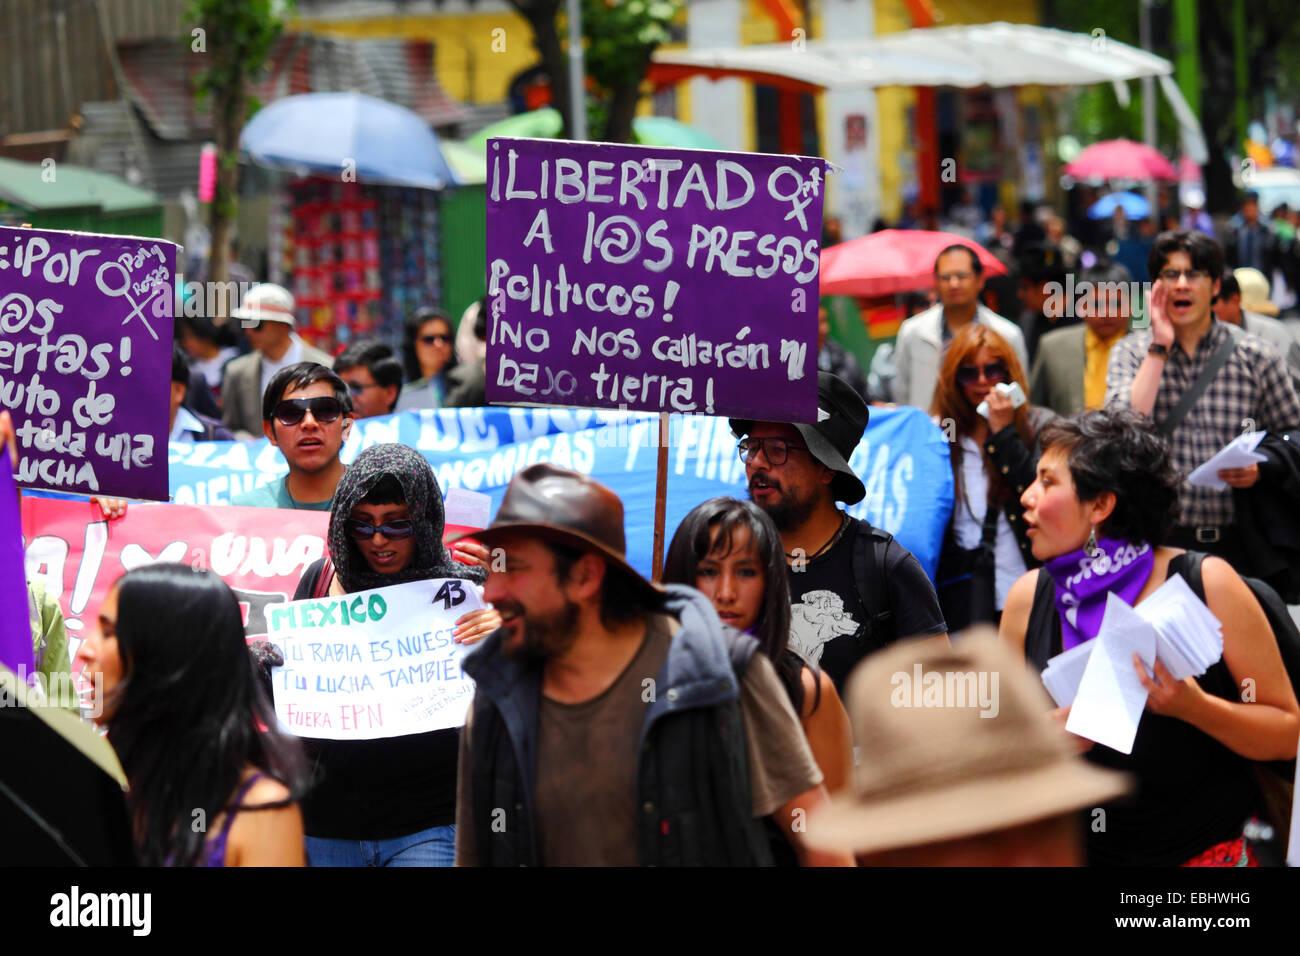 Los manifestantes marzo exigiendo justicia para los 43 estudiantes que faltan en México y la liberación de los presos políticos, La Paz, Bolivia Foto de stock